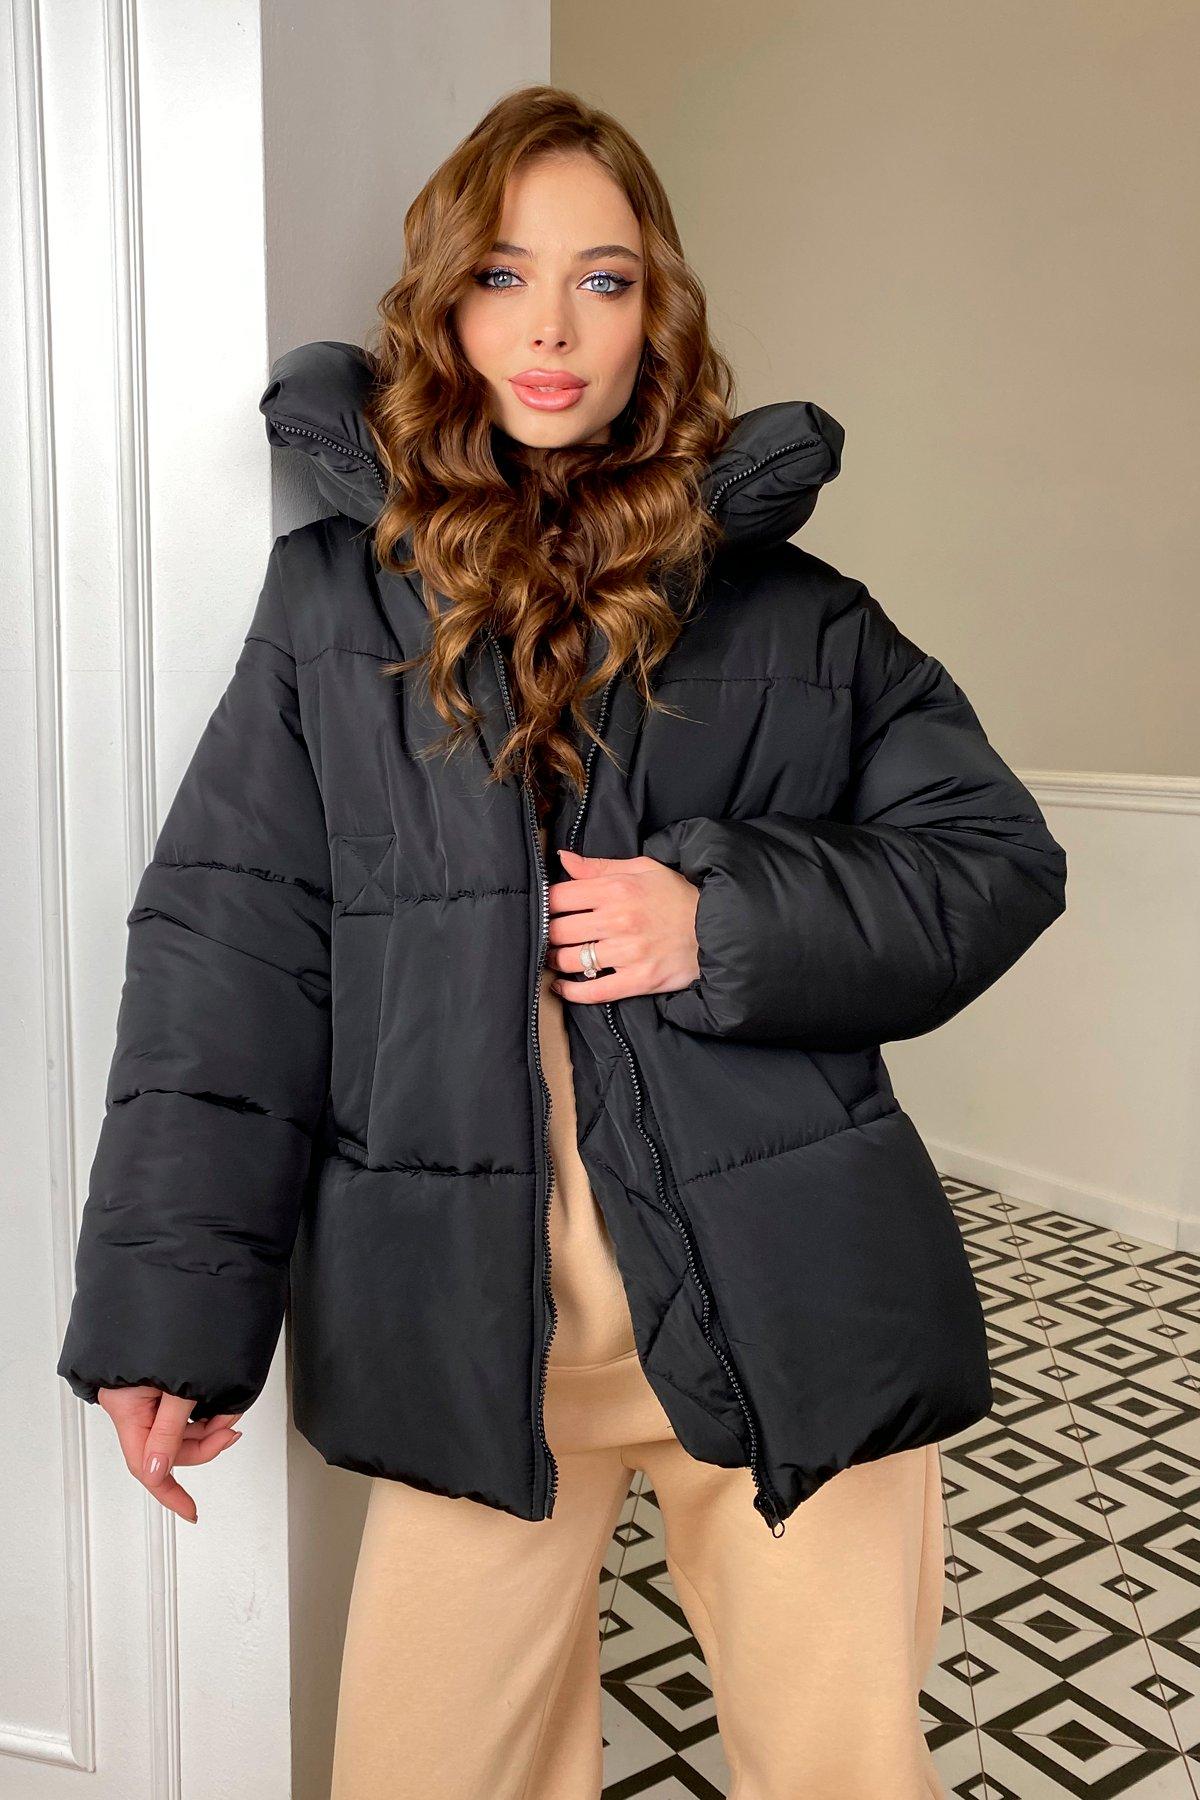 куртки демисезонные женские Харьков  Овертайм  теплый пуховик из матовой плащевой ткани 10245